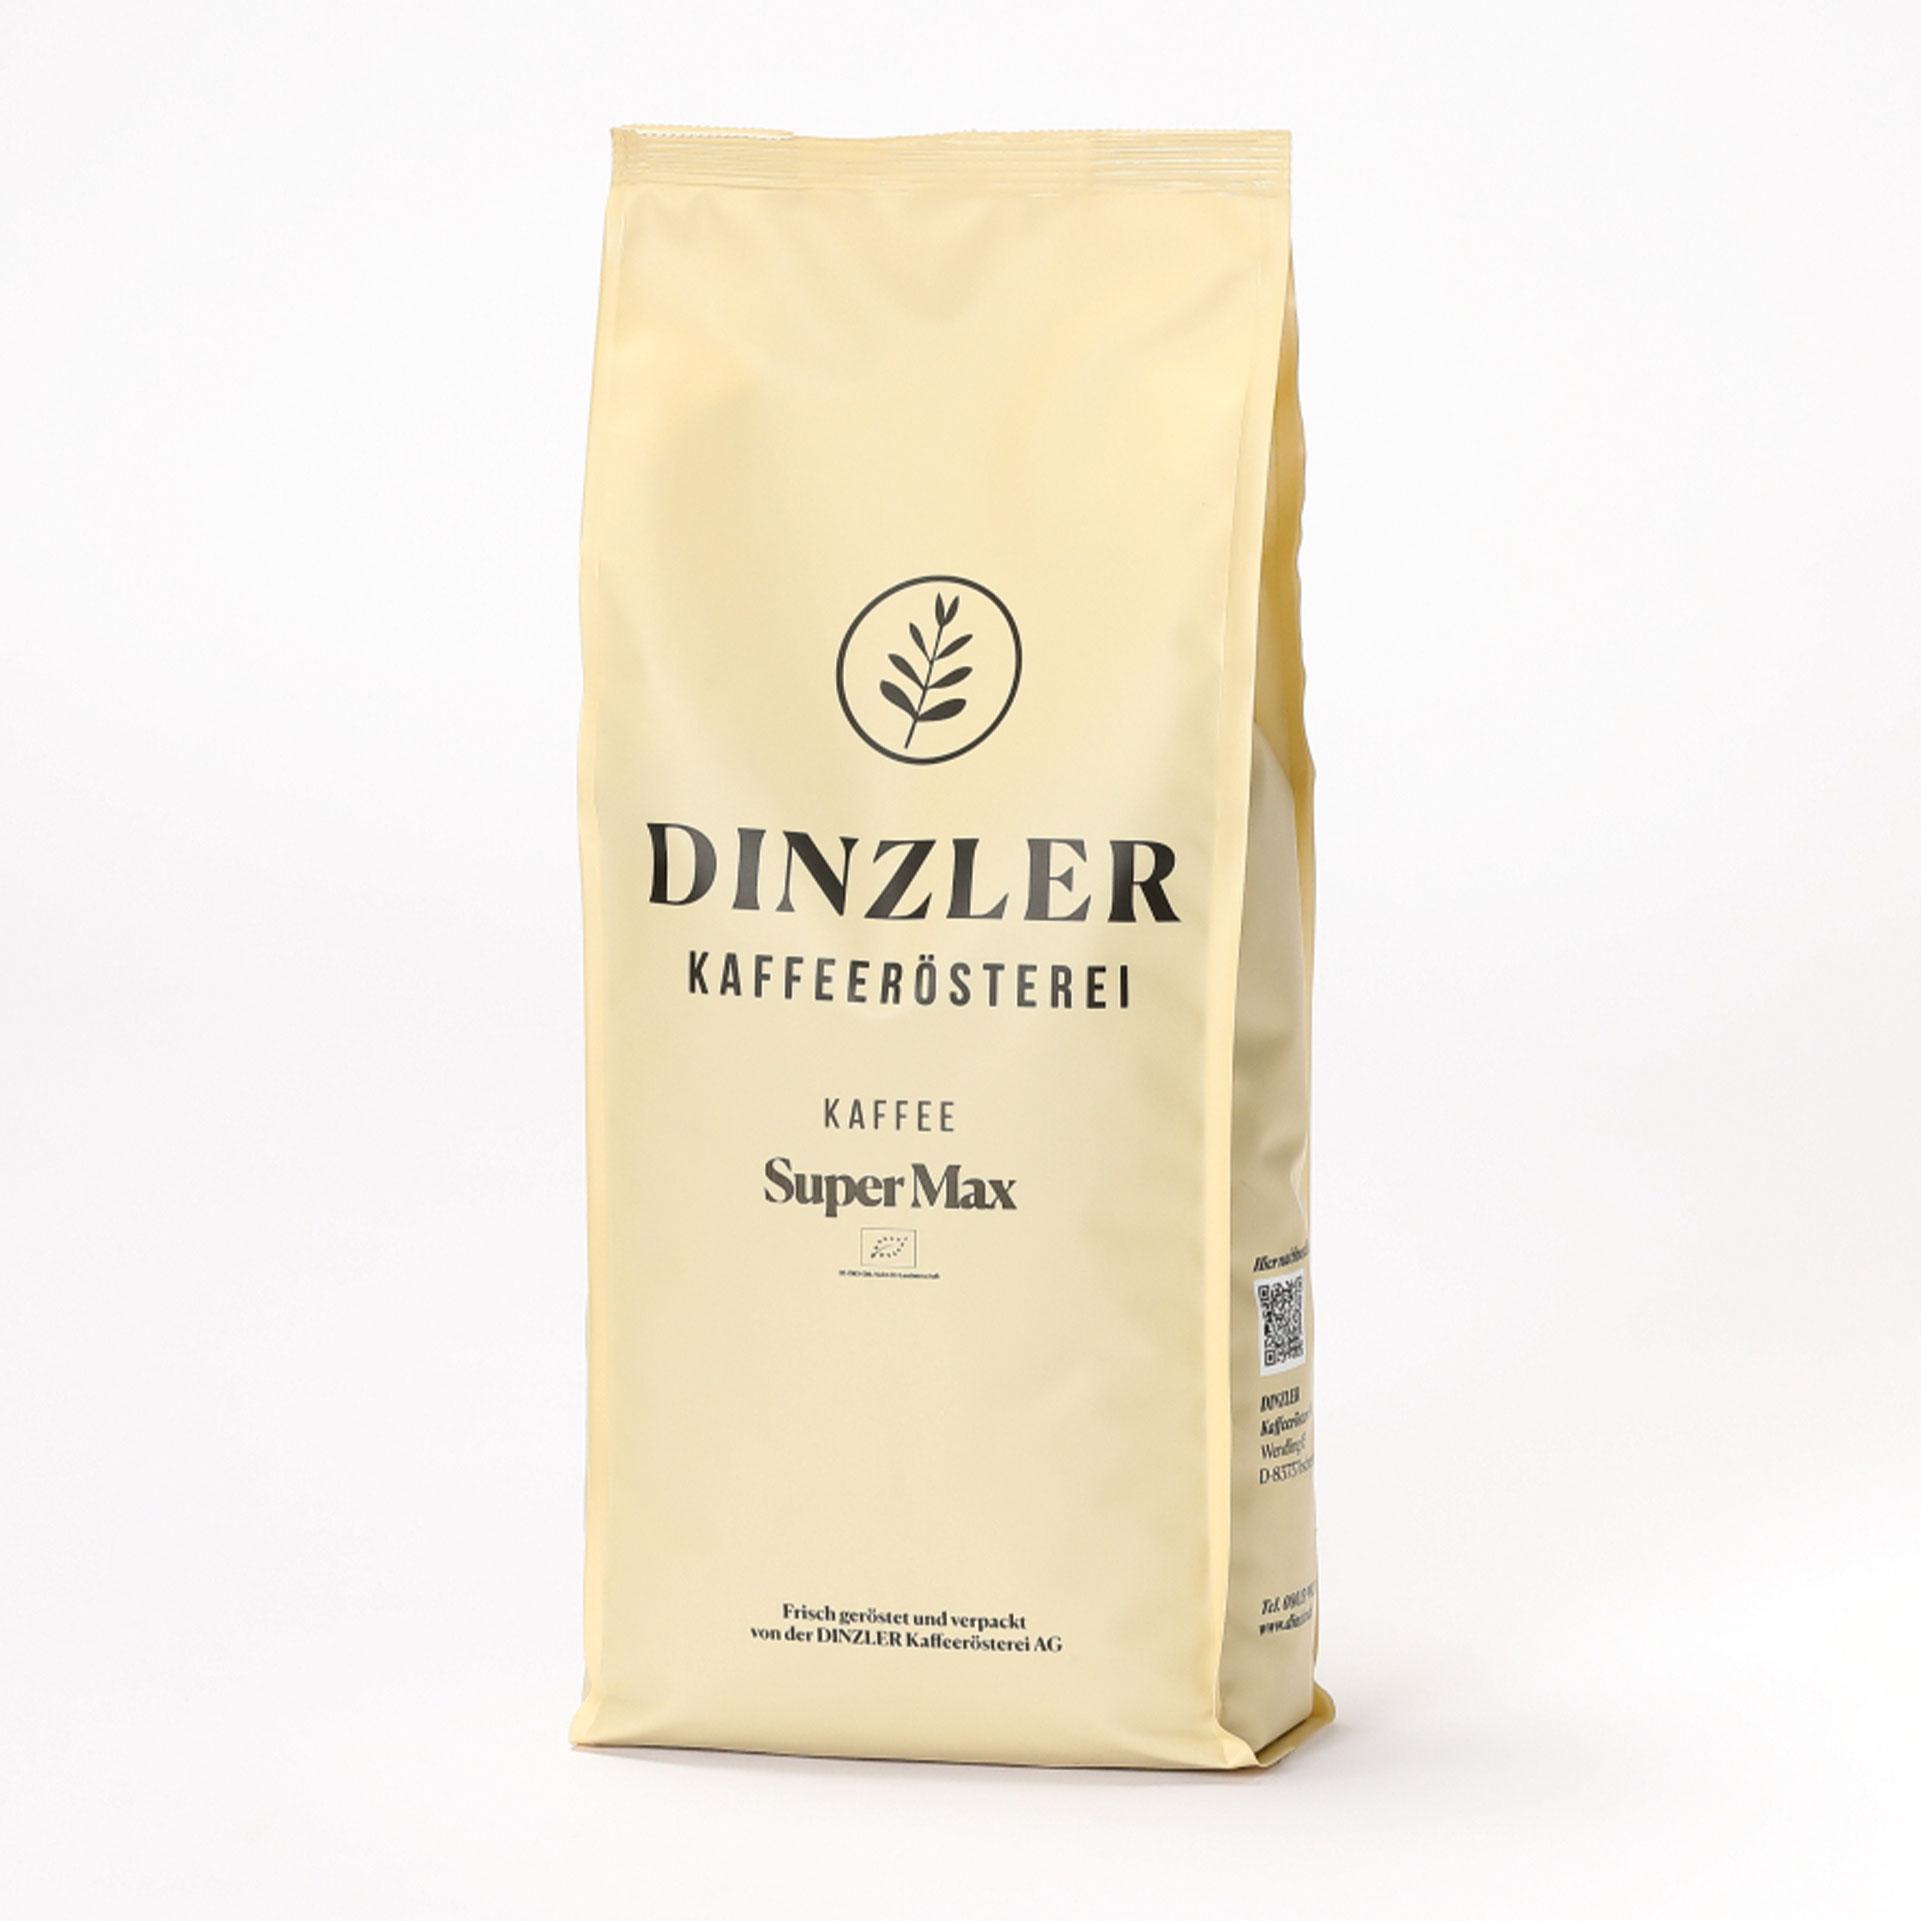 DINZLER Kaffee Super Max